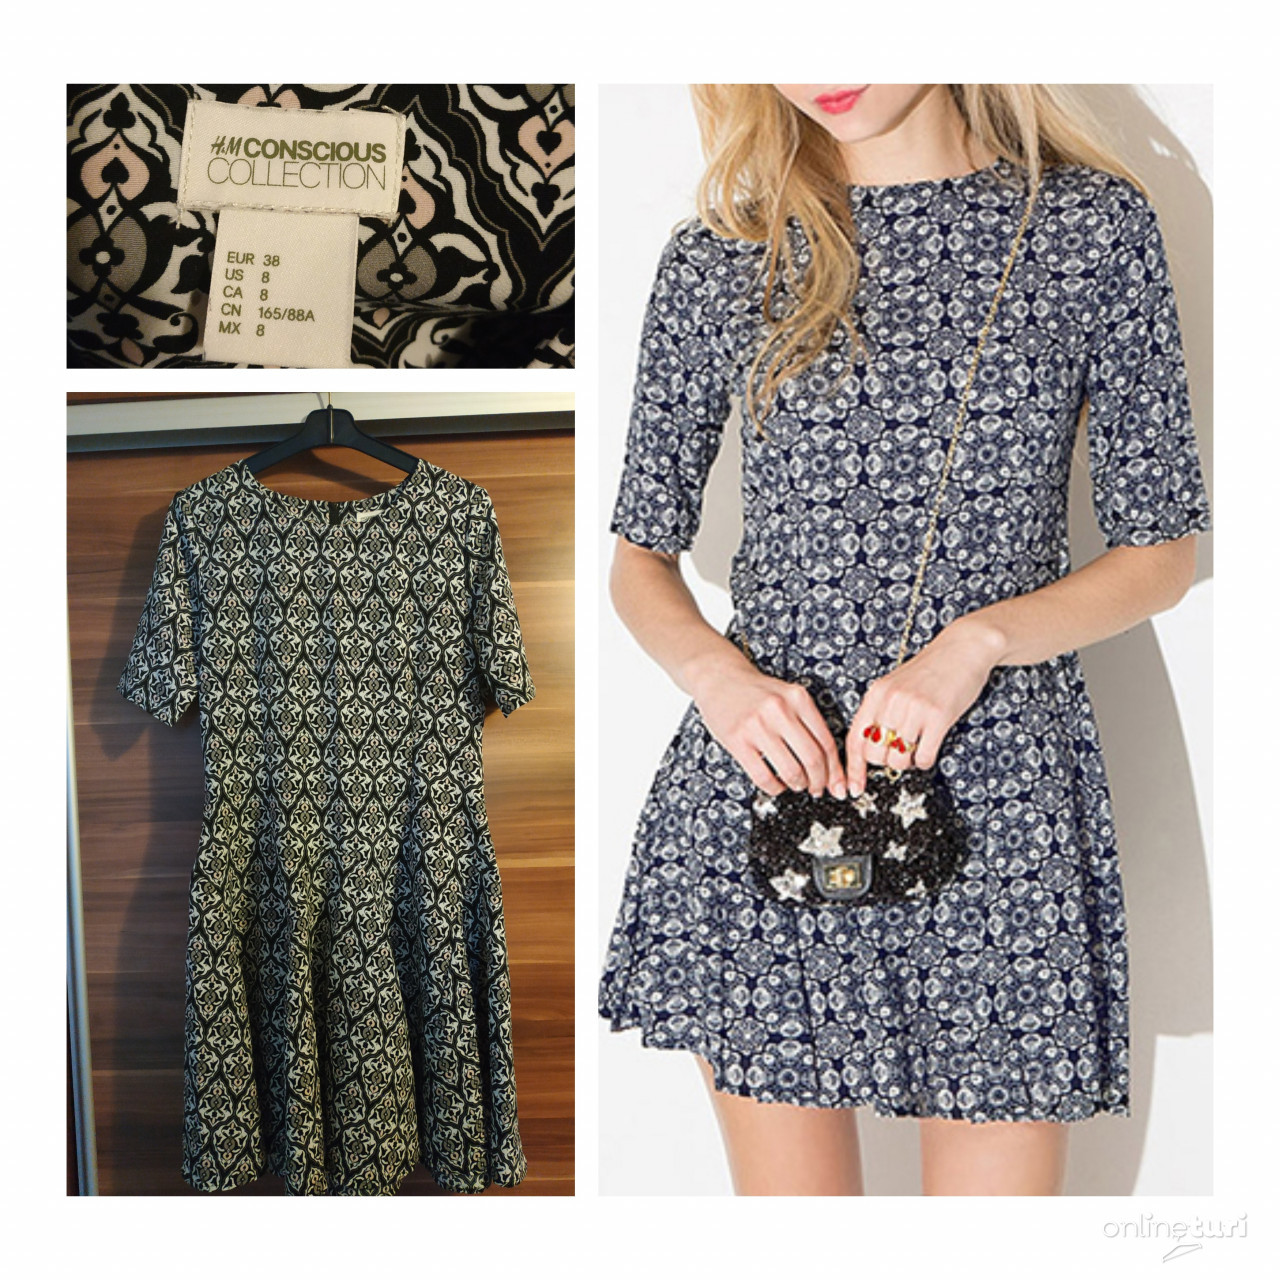 ef31676f2a H&M jacquard stílusú mintás ruha, Kaposvár - OnlineTuri